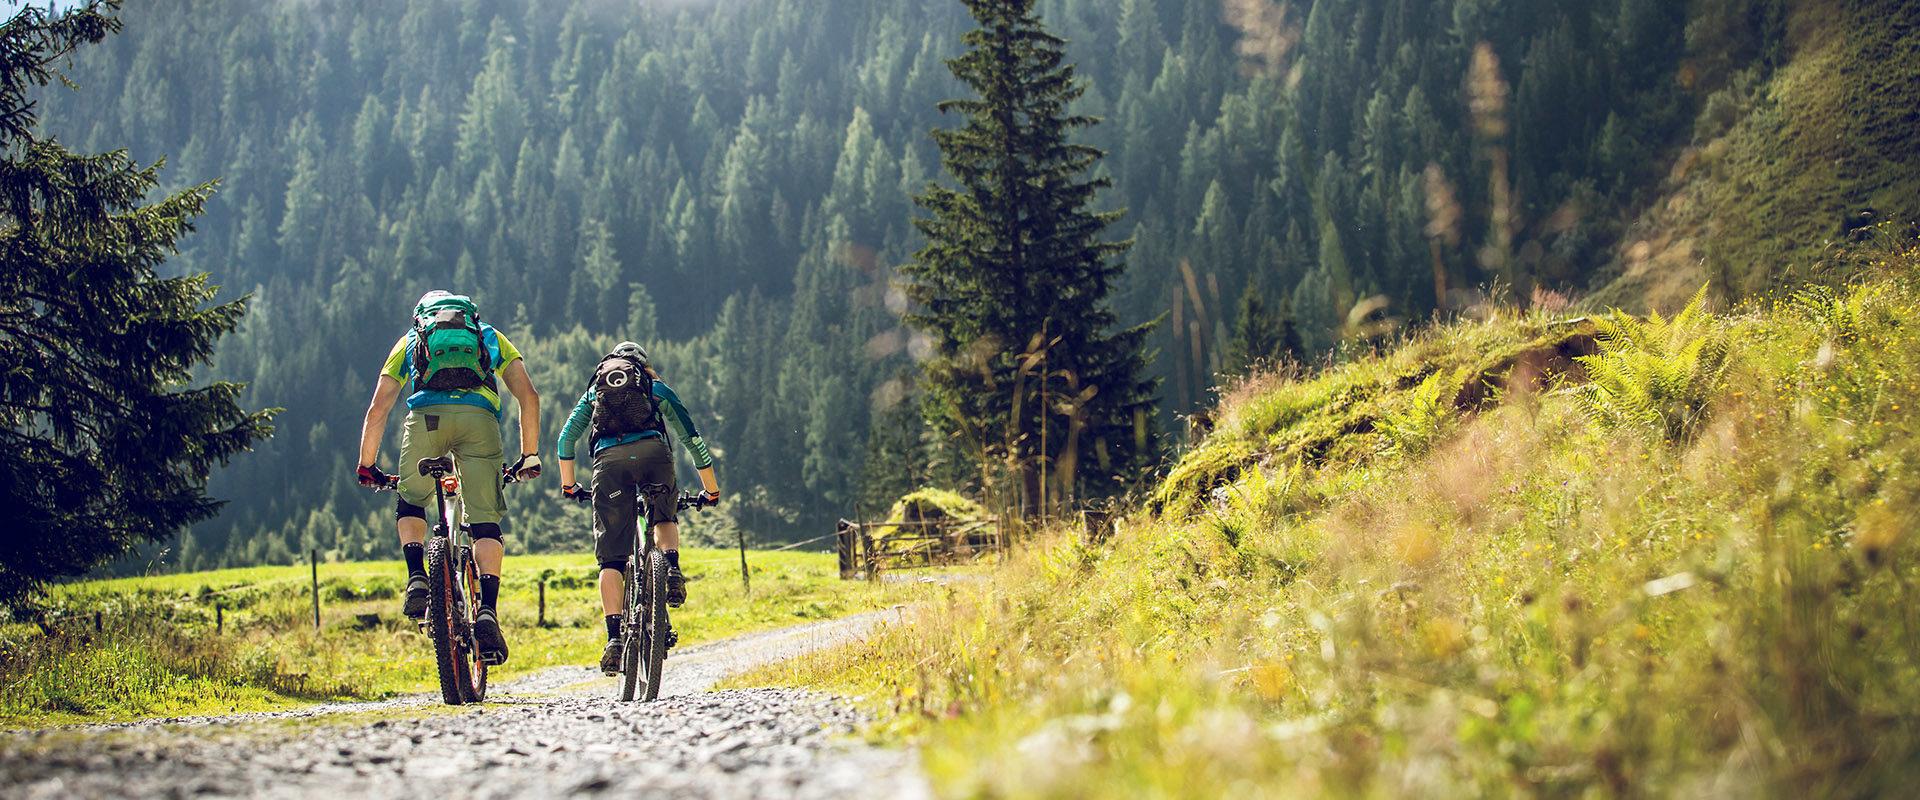 Zwei Mountainbiker fahren über Schotterstrasse in Almengebiet mit Almwiese und grünem Nadelwald im Hintergrund